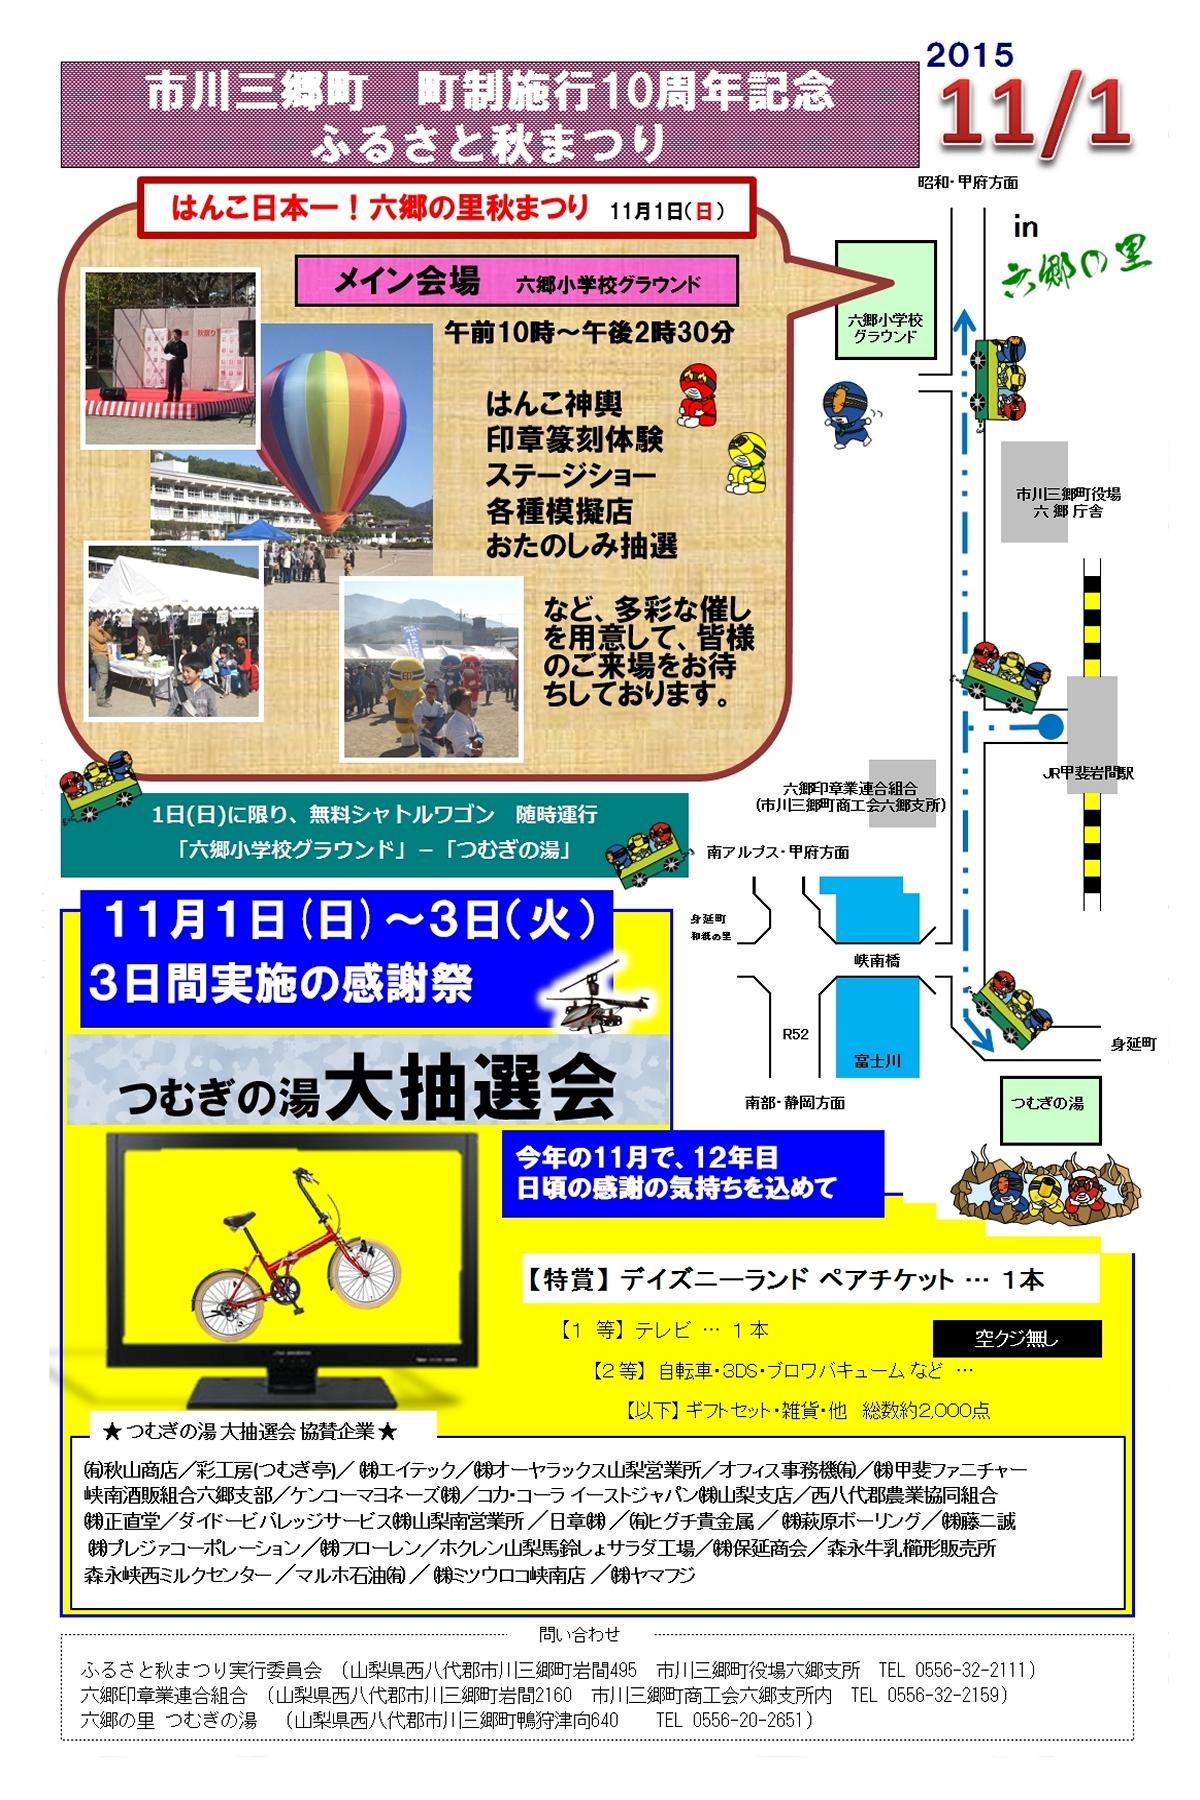 2015 六郷の里秋まつり【11月のイベント案内】